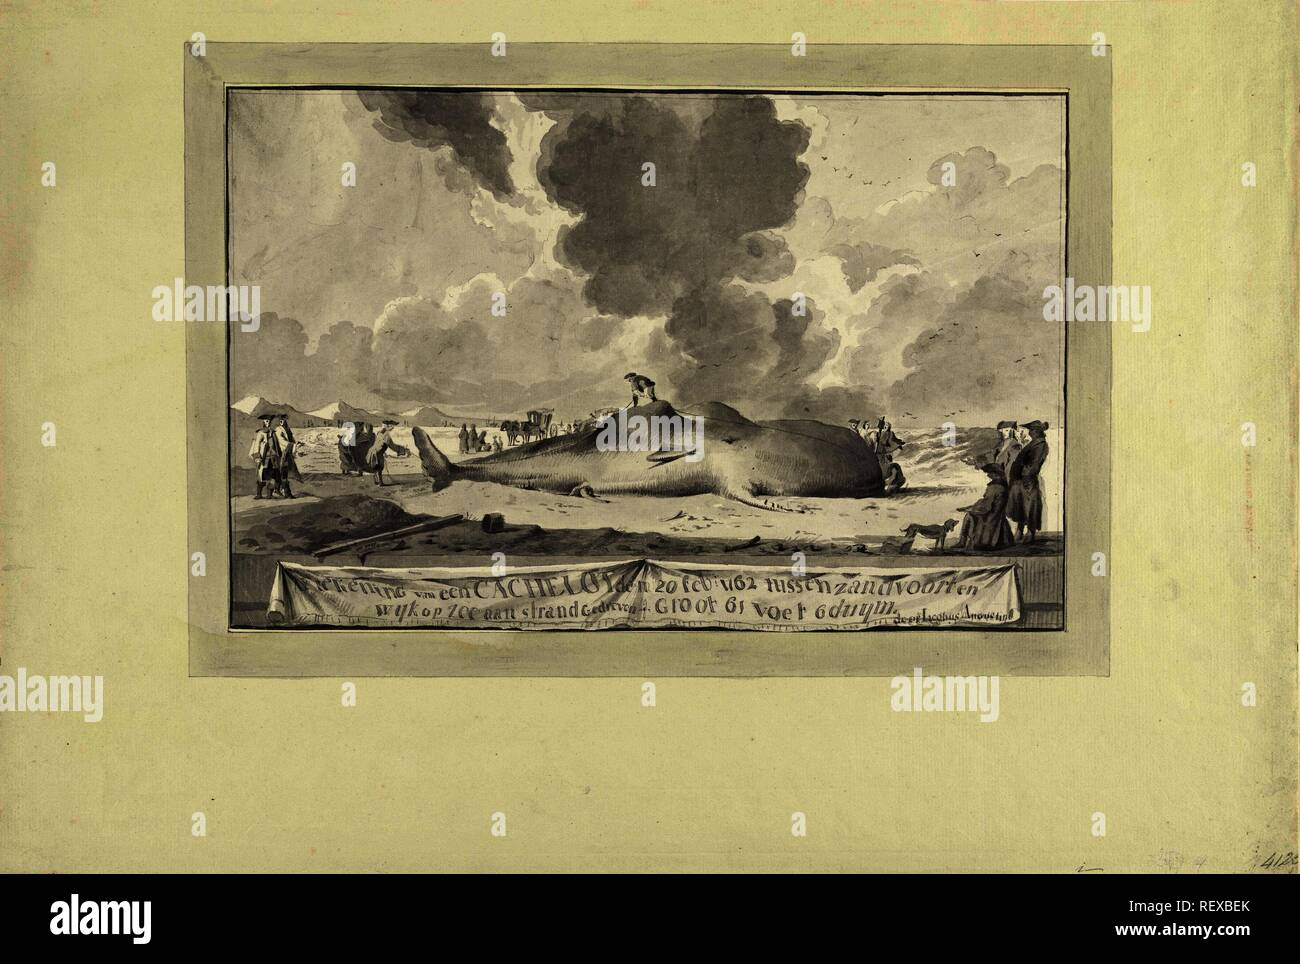 Walvis tussen Zandvoort en Wijk aan Zee aangespoeld, 1762. Aftekening van een Cachelot den 20 feb. 1762 tussen zandvoort en wyk op zee aan strand Gedreven. groot 61 voet 6 duym (title on object). Draughtsman: Jacobus Luberti Augustini (mentioned on object). Dating: 1762. Place: Northern Netherlands. Measurements: h 246 mm × w 378 mm. Museum: Rijksmuseum, Amsterdam. - Stock Image